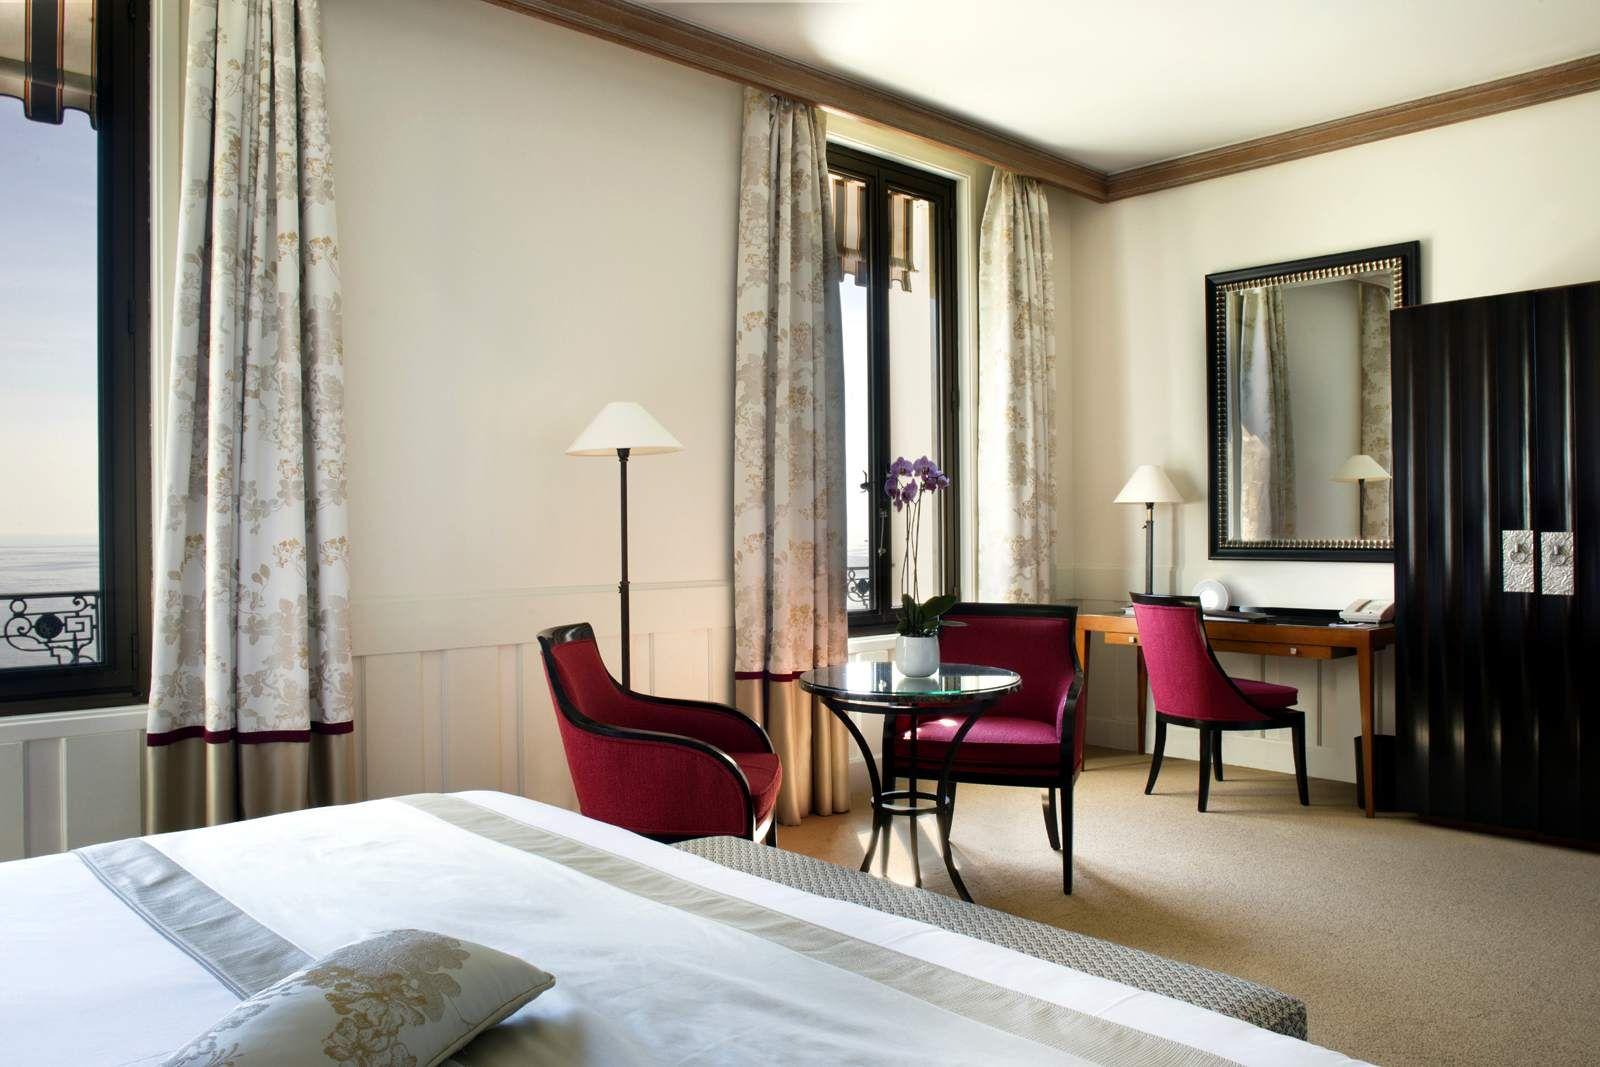 Hotel Royal De Niza Suite By Gancedo Hoteles By Gancedo  # Niza Muebles Y Objetos